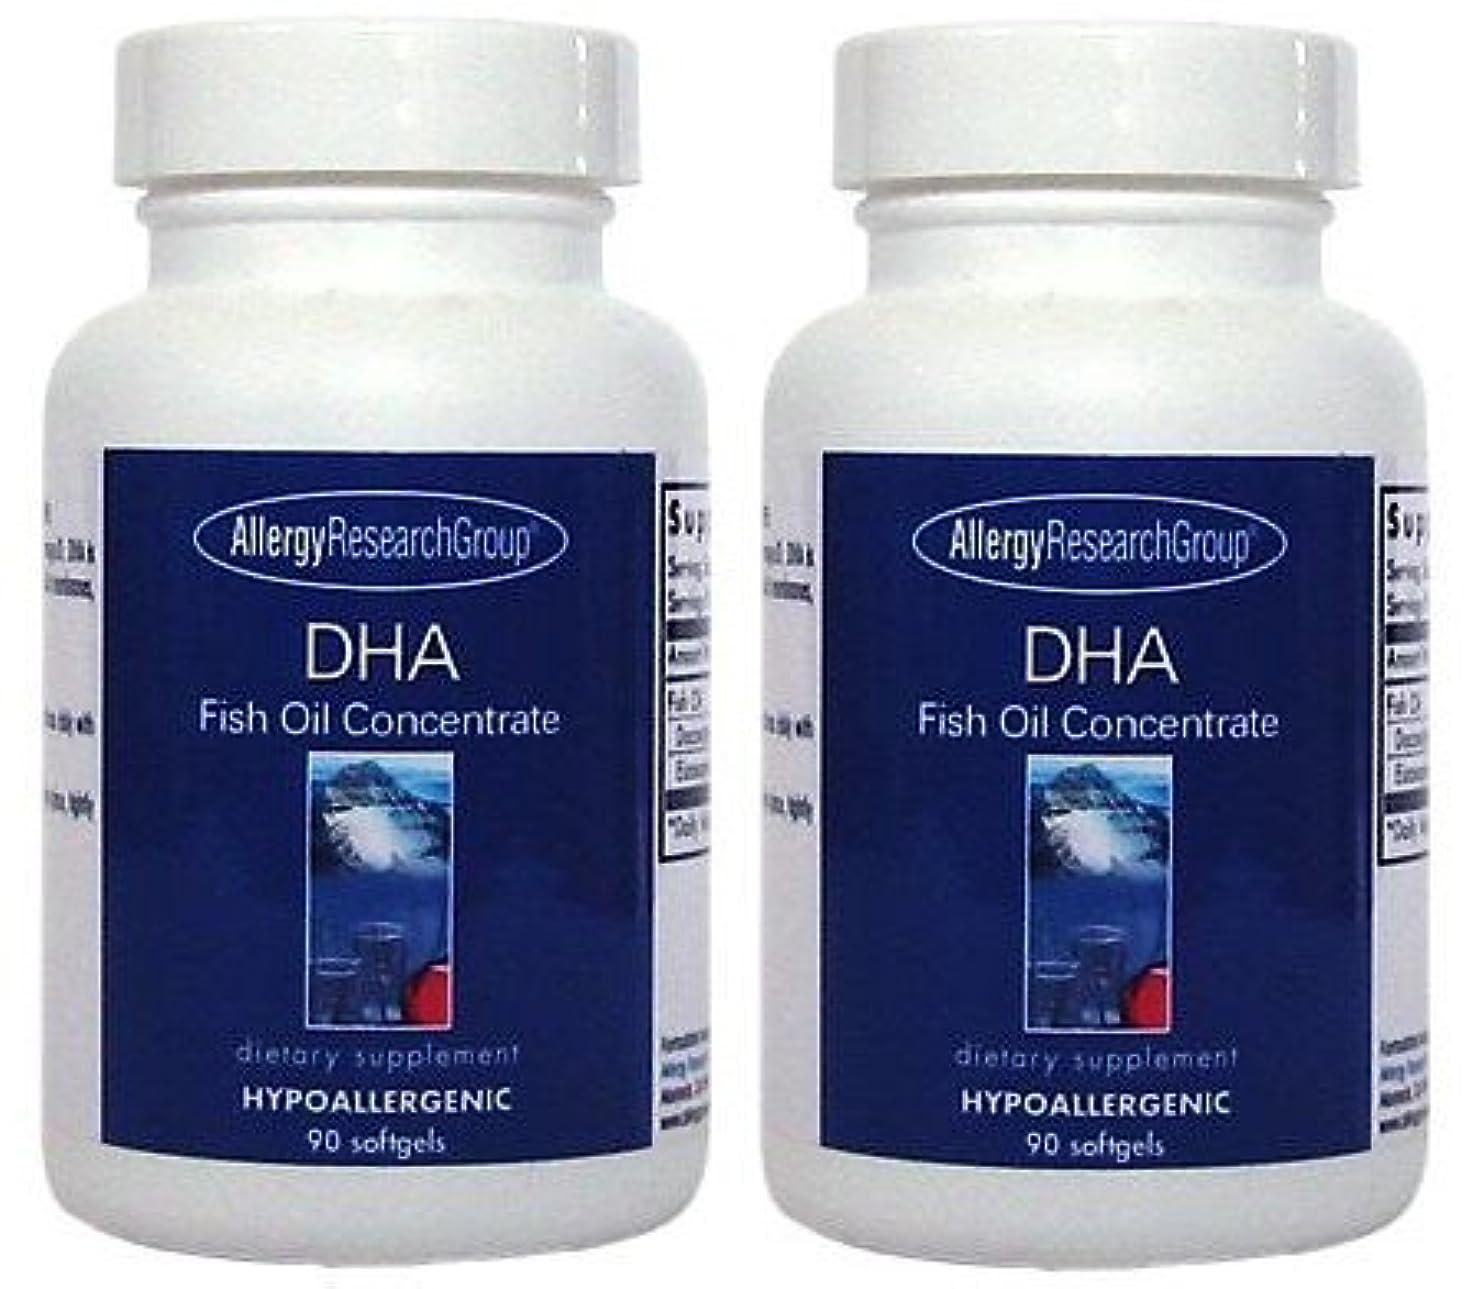 陸軍対立決めますDHA & EPA (DHA Fish Oil Concentrate 90 Softgels ) [海外直送品] 2ボトル